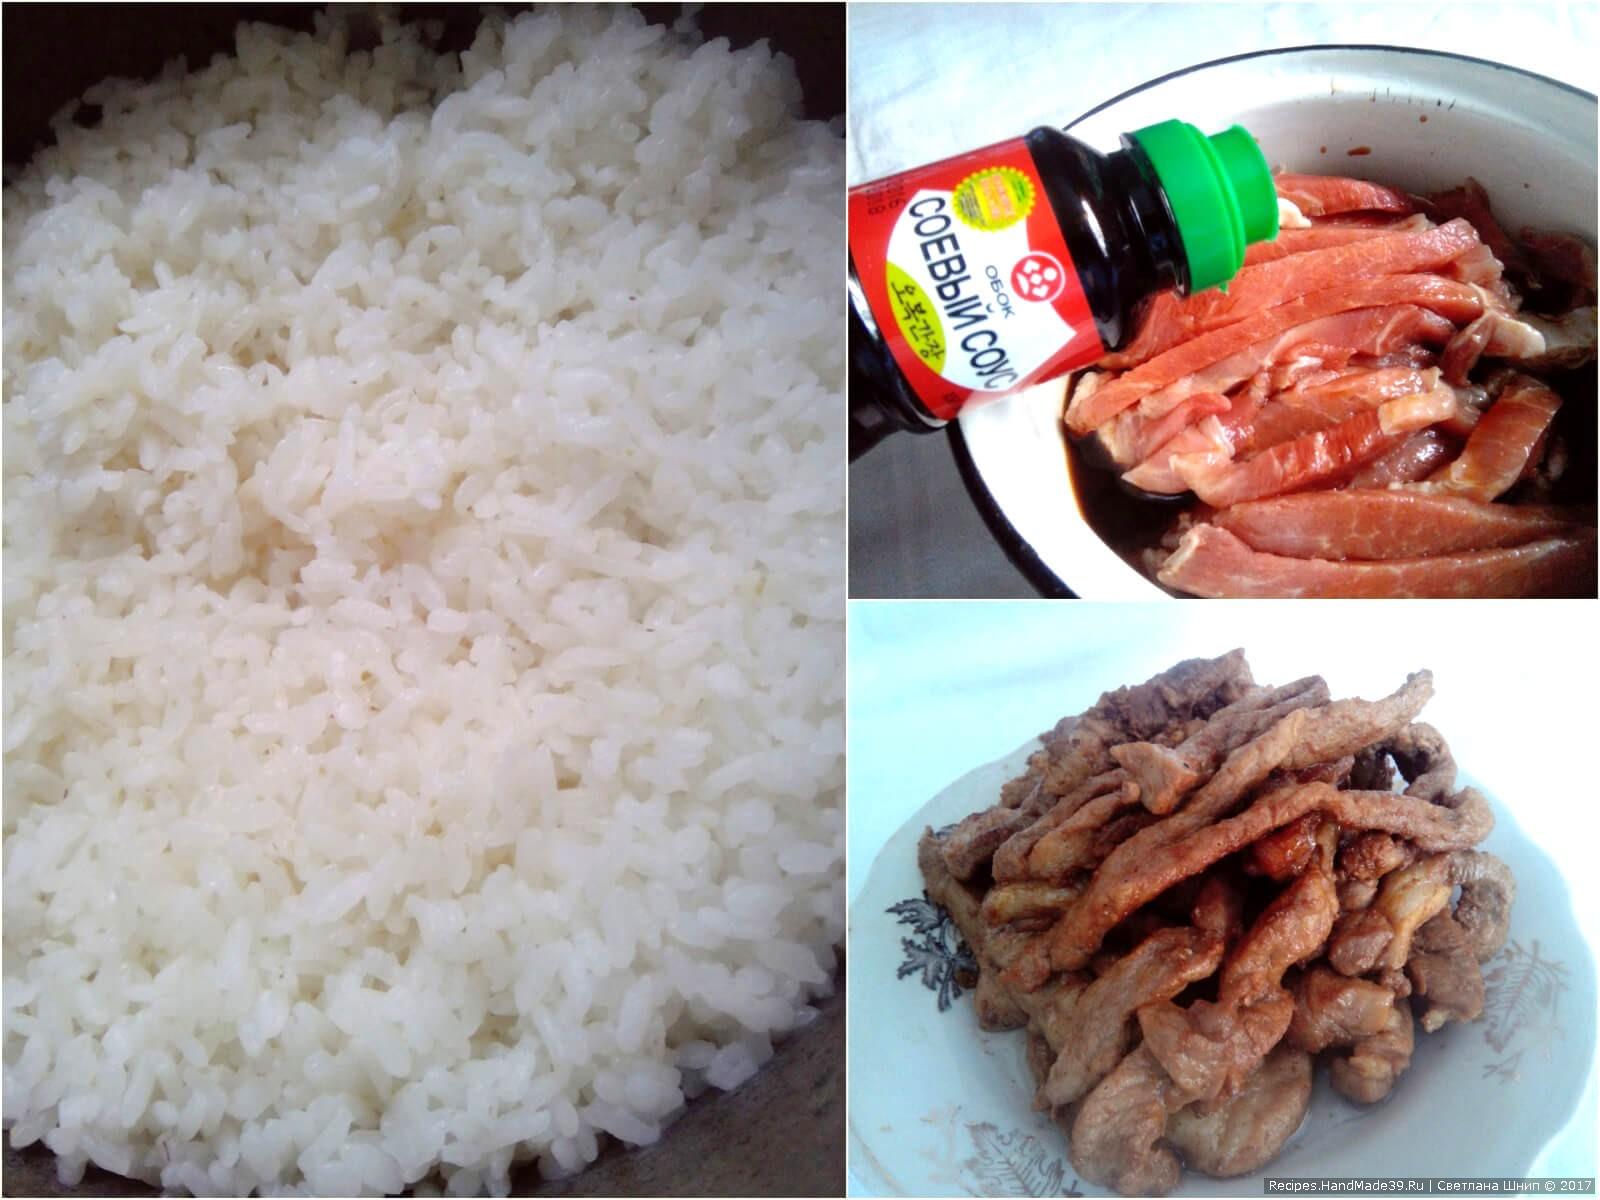 Мясо нарезать соломкой, залить соевым соусом для маринада и оставить на полчаса. Затем обжарить